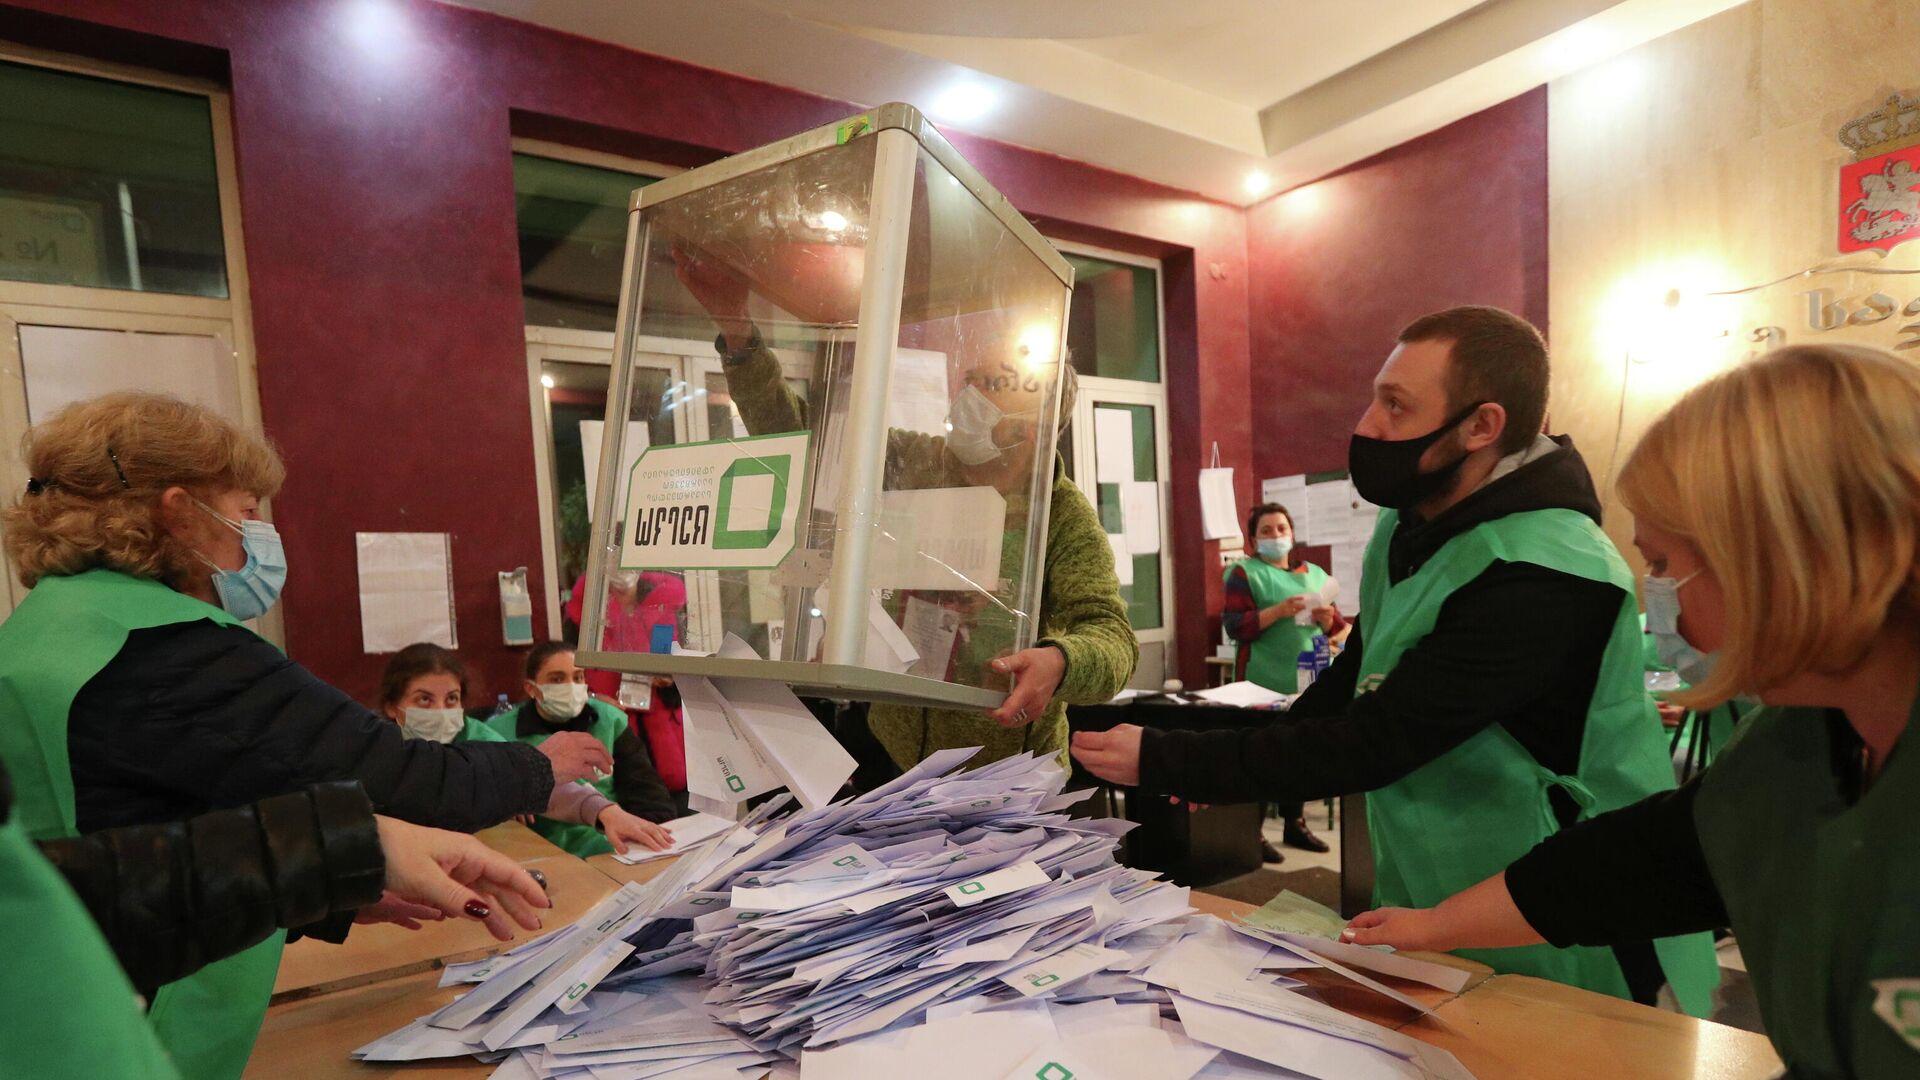 Подсчет голосов на муниципальных выборах в Тбилиси, Грузия - РИА Новости, 1920, 03.10.2021